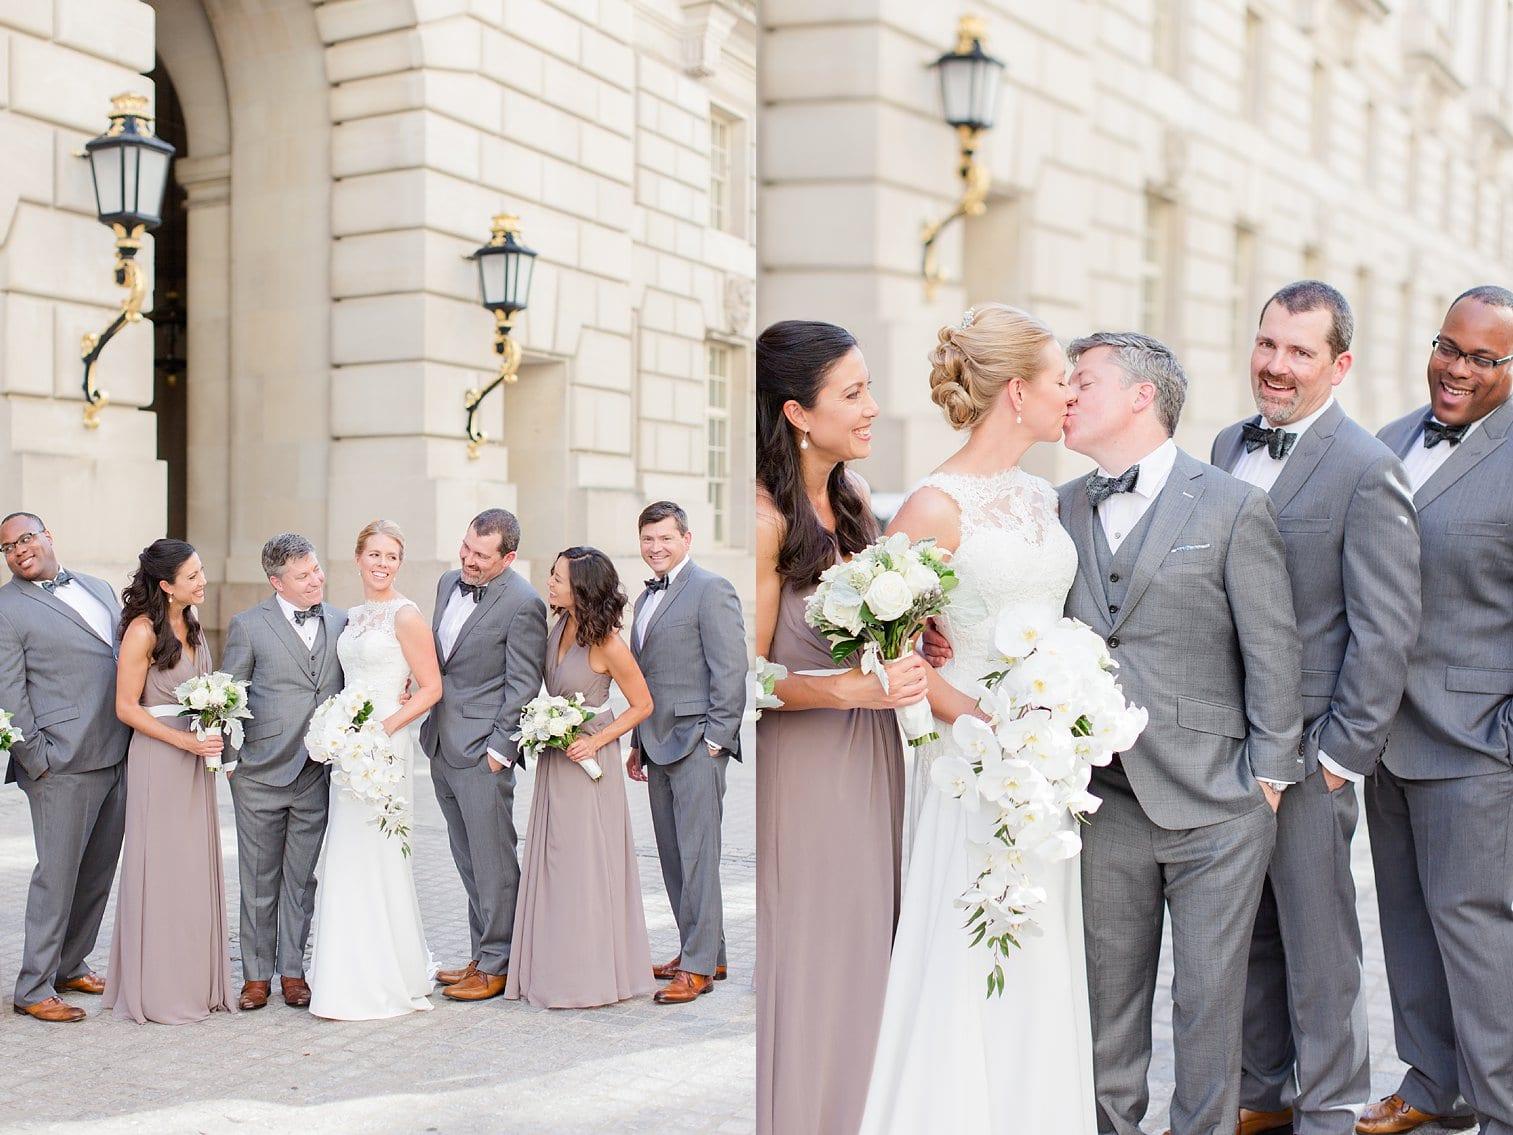 Ronald Reagan Building Wedding Washington DC Wedding Photographer Ashley & Brett-383.jpg